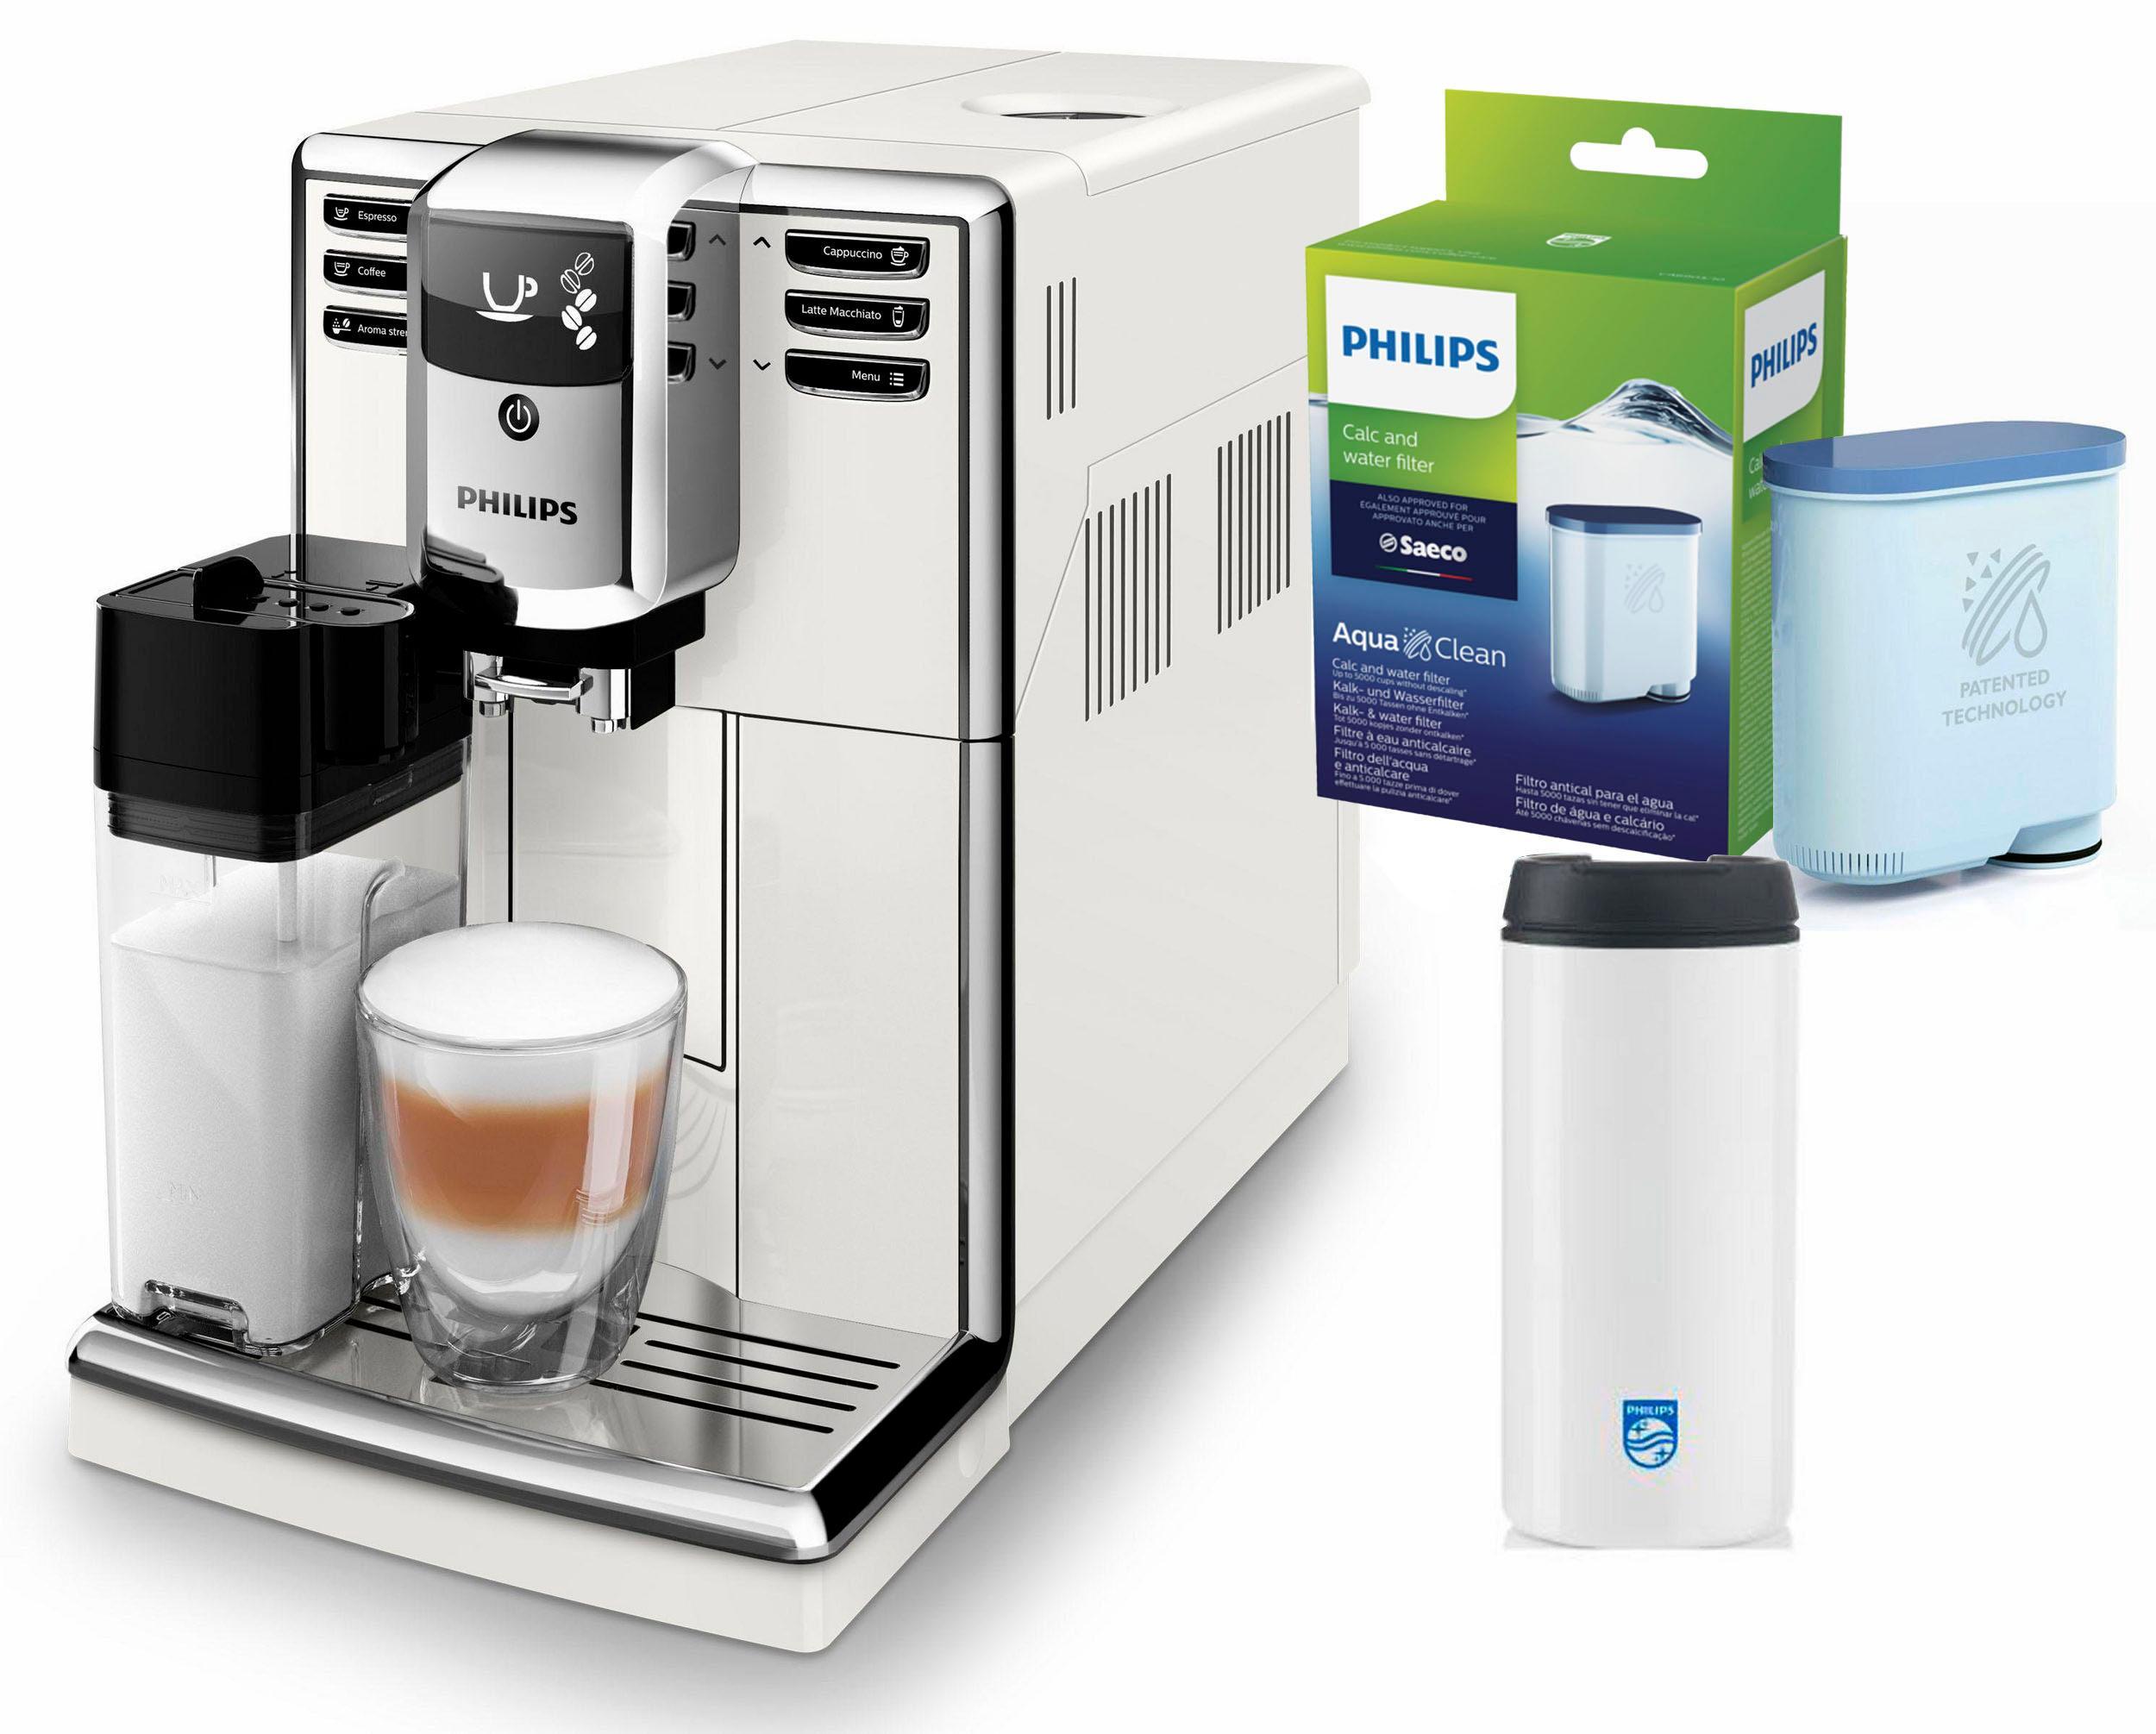 Philips Kaffeevollautomat 5000 Serie EP5961/10, 1, 8l Tank, Scheibenmahlwerk | Küche und Esszimmer > Kaffee und Tee > Kaffeevollautomaten | Philips